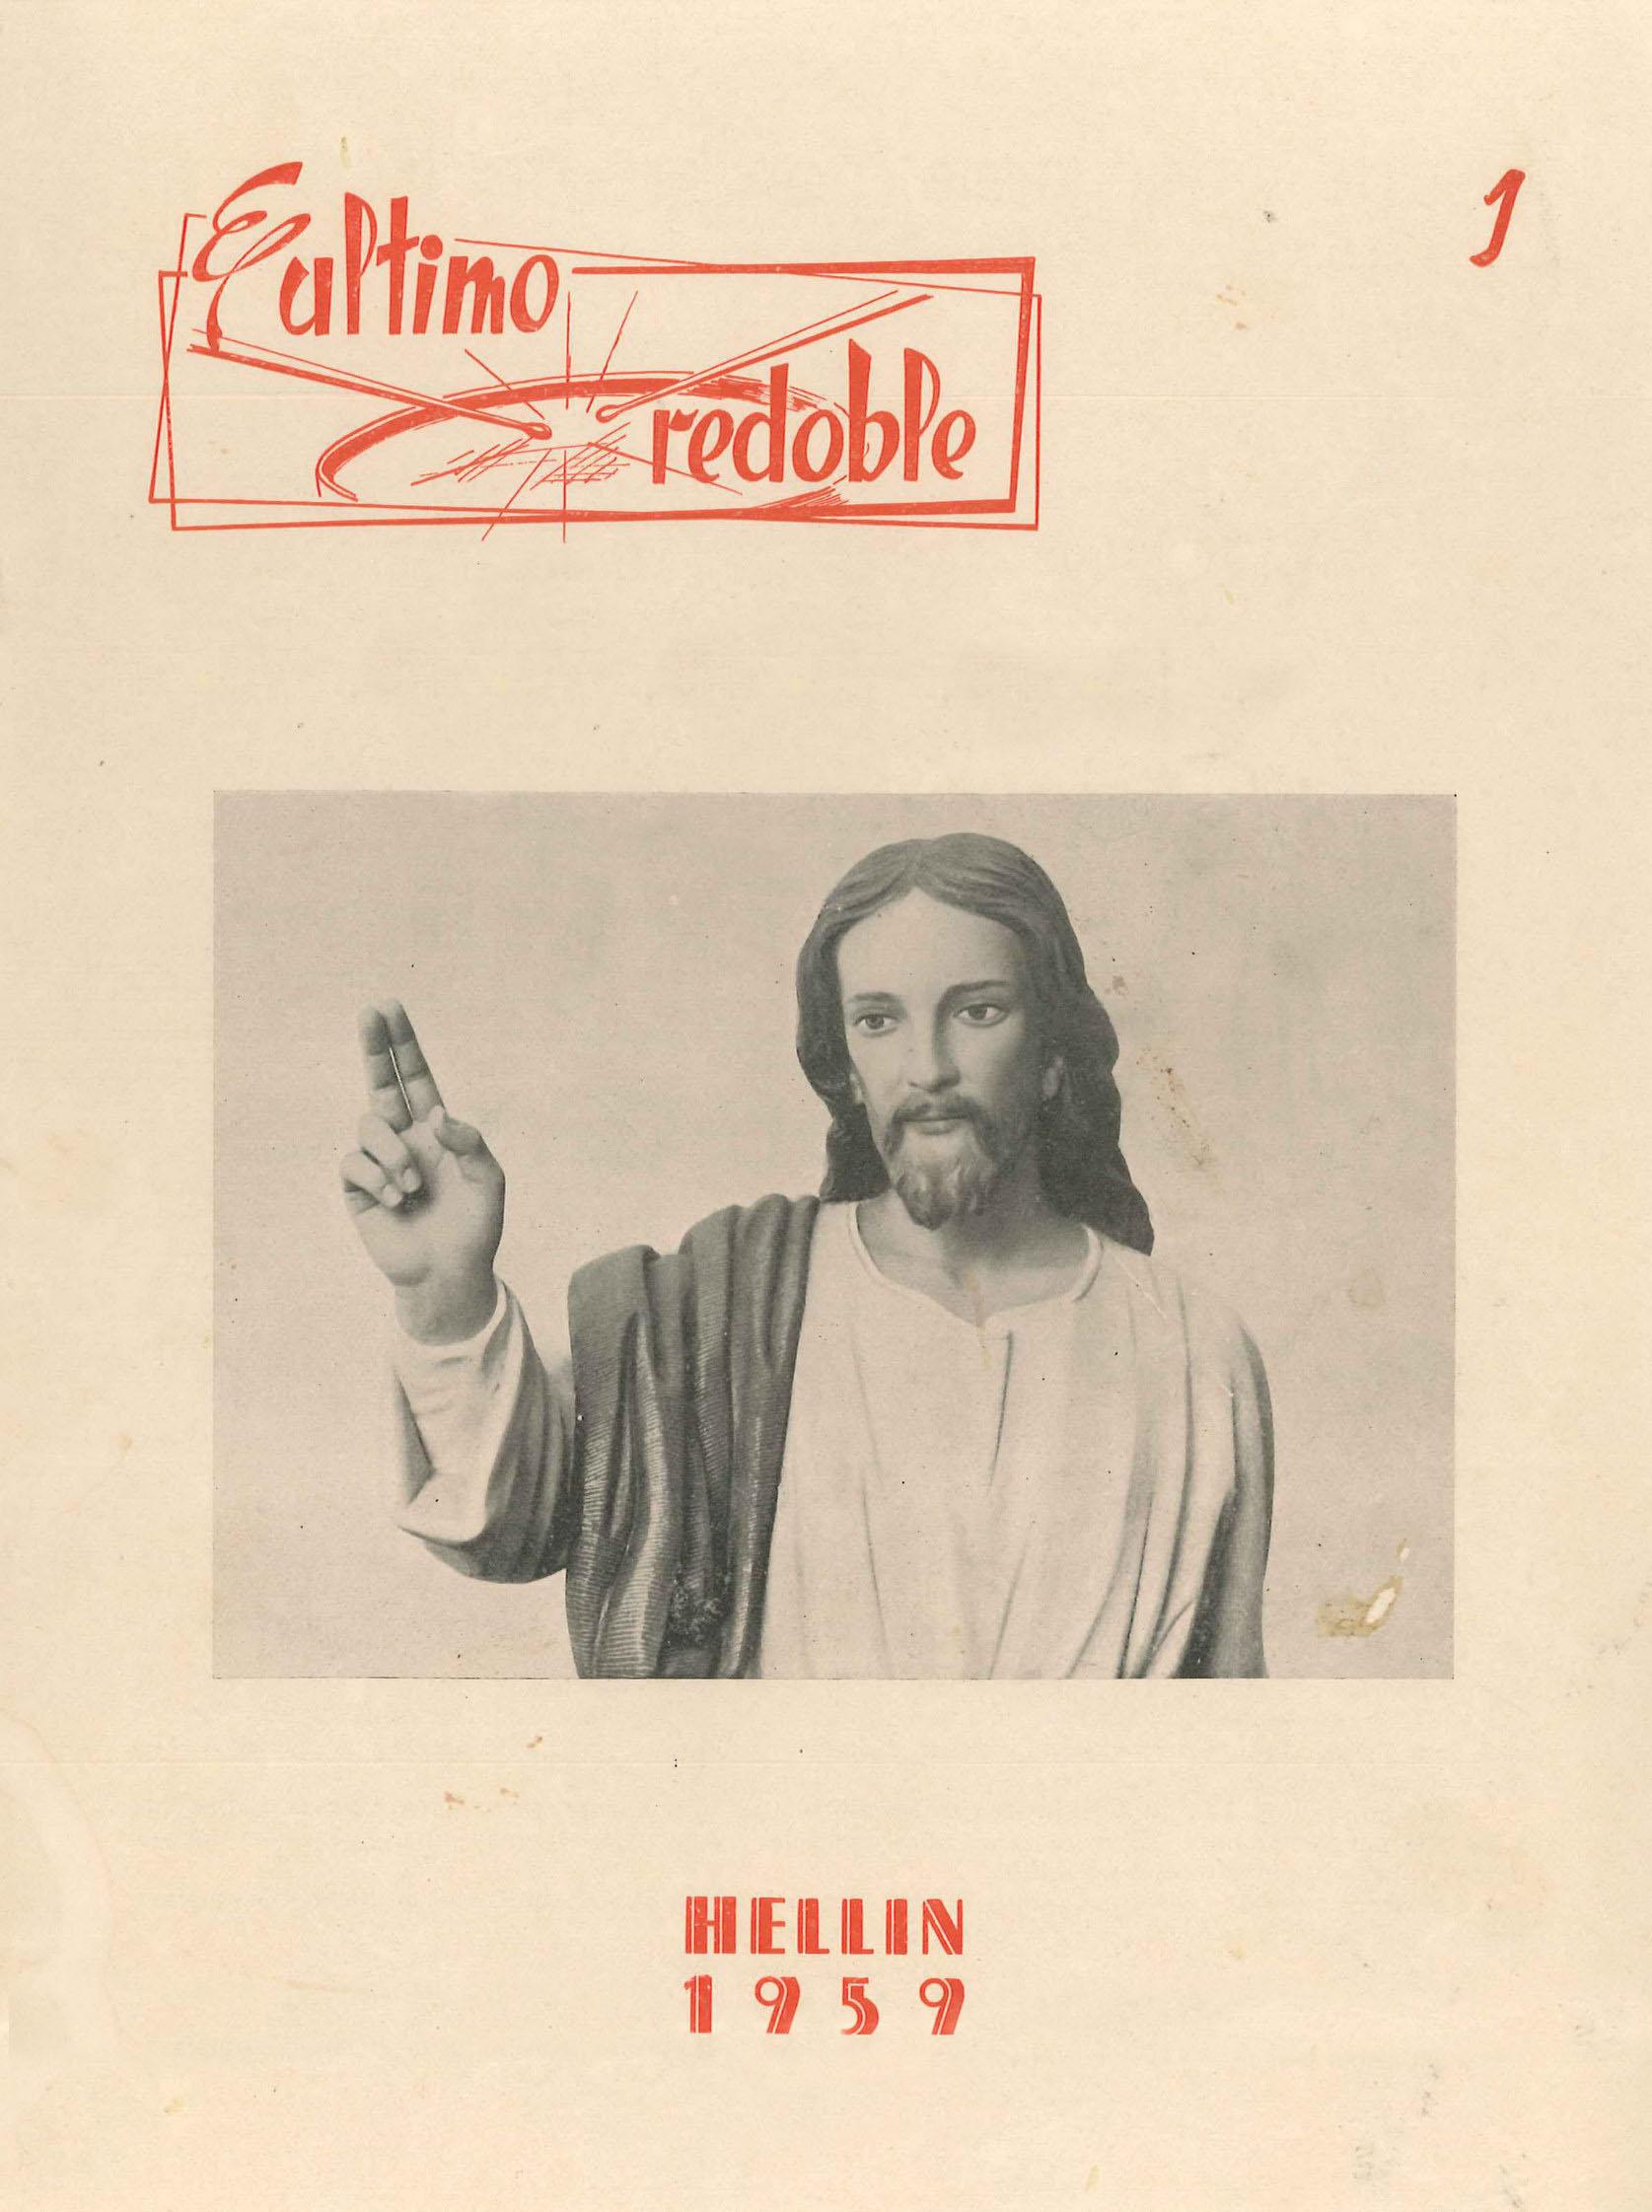 El último redoble - Boletín quincenal de información de la Federación de Hermandades - 1959 - n1